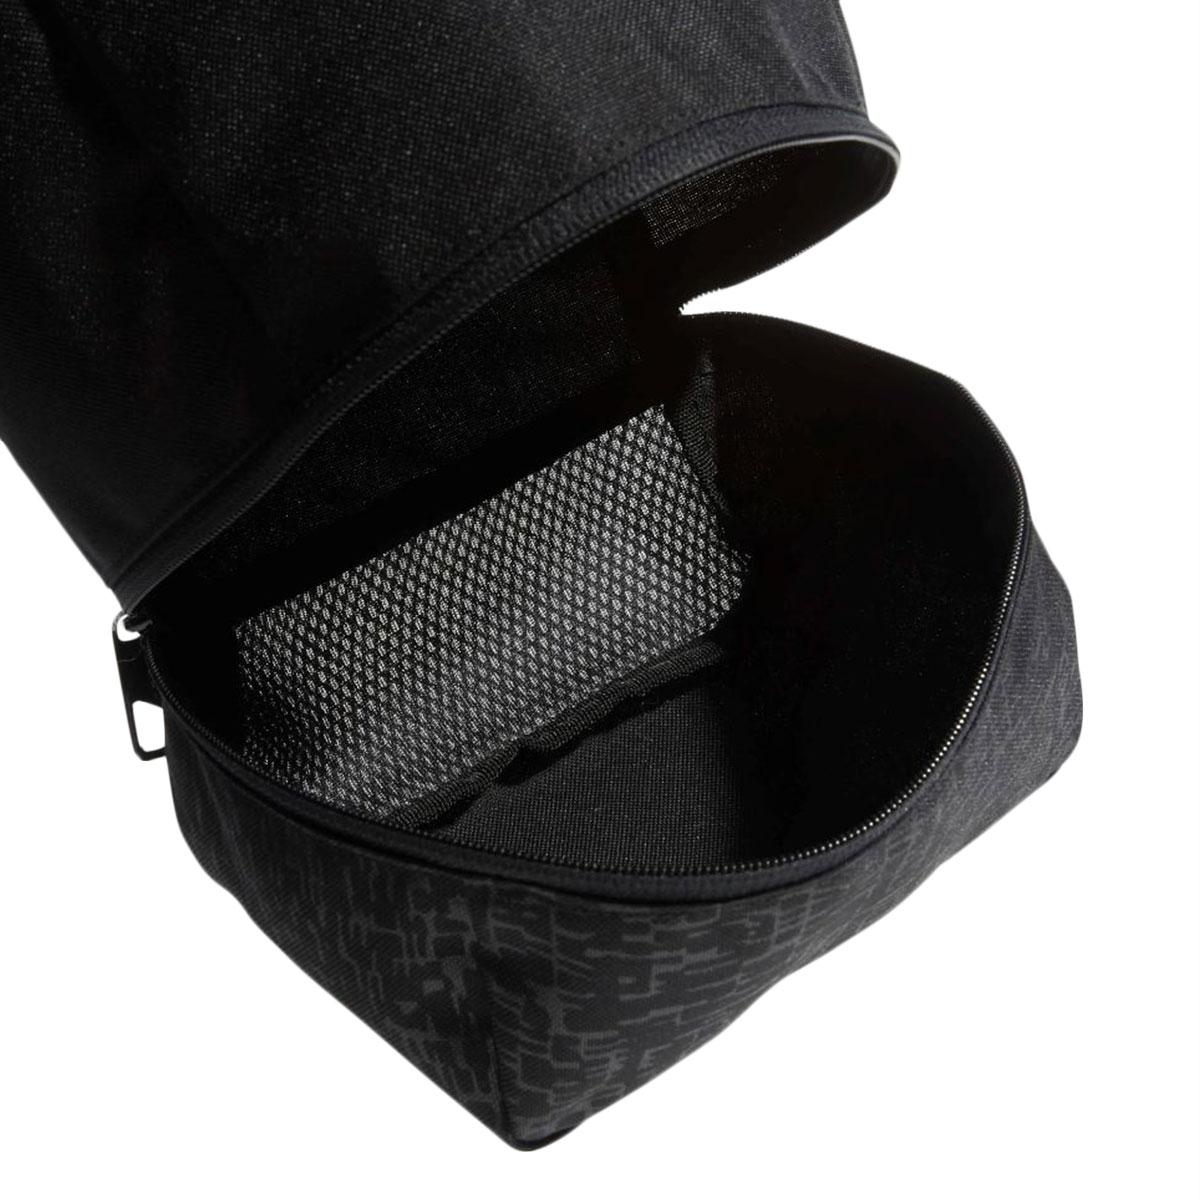 9a04b7ad616e9 Adidas Shoe Bag Golf